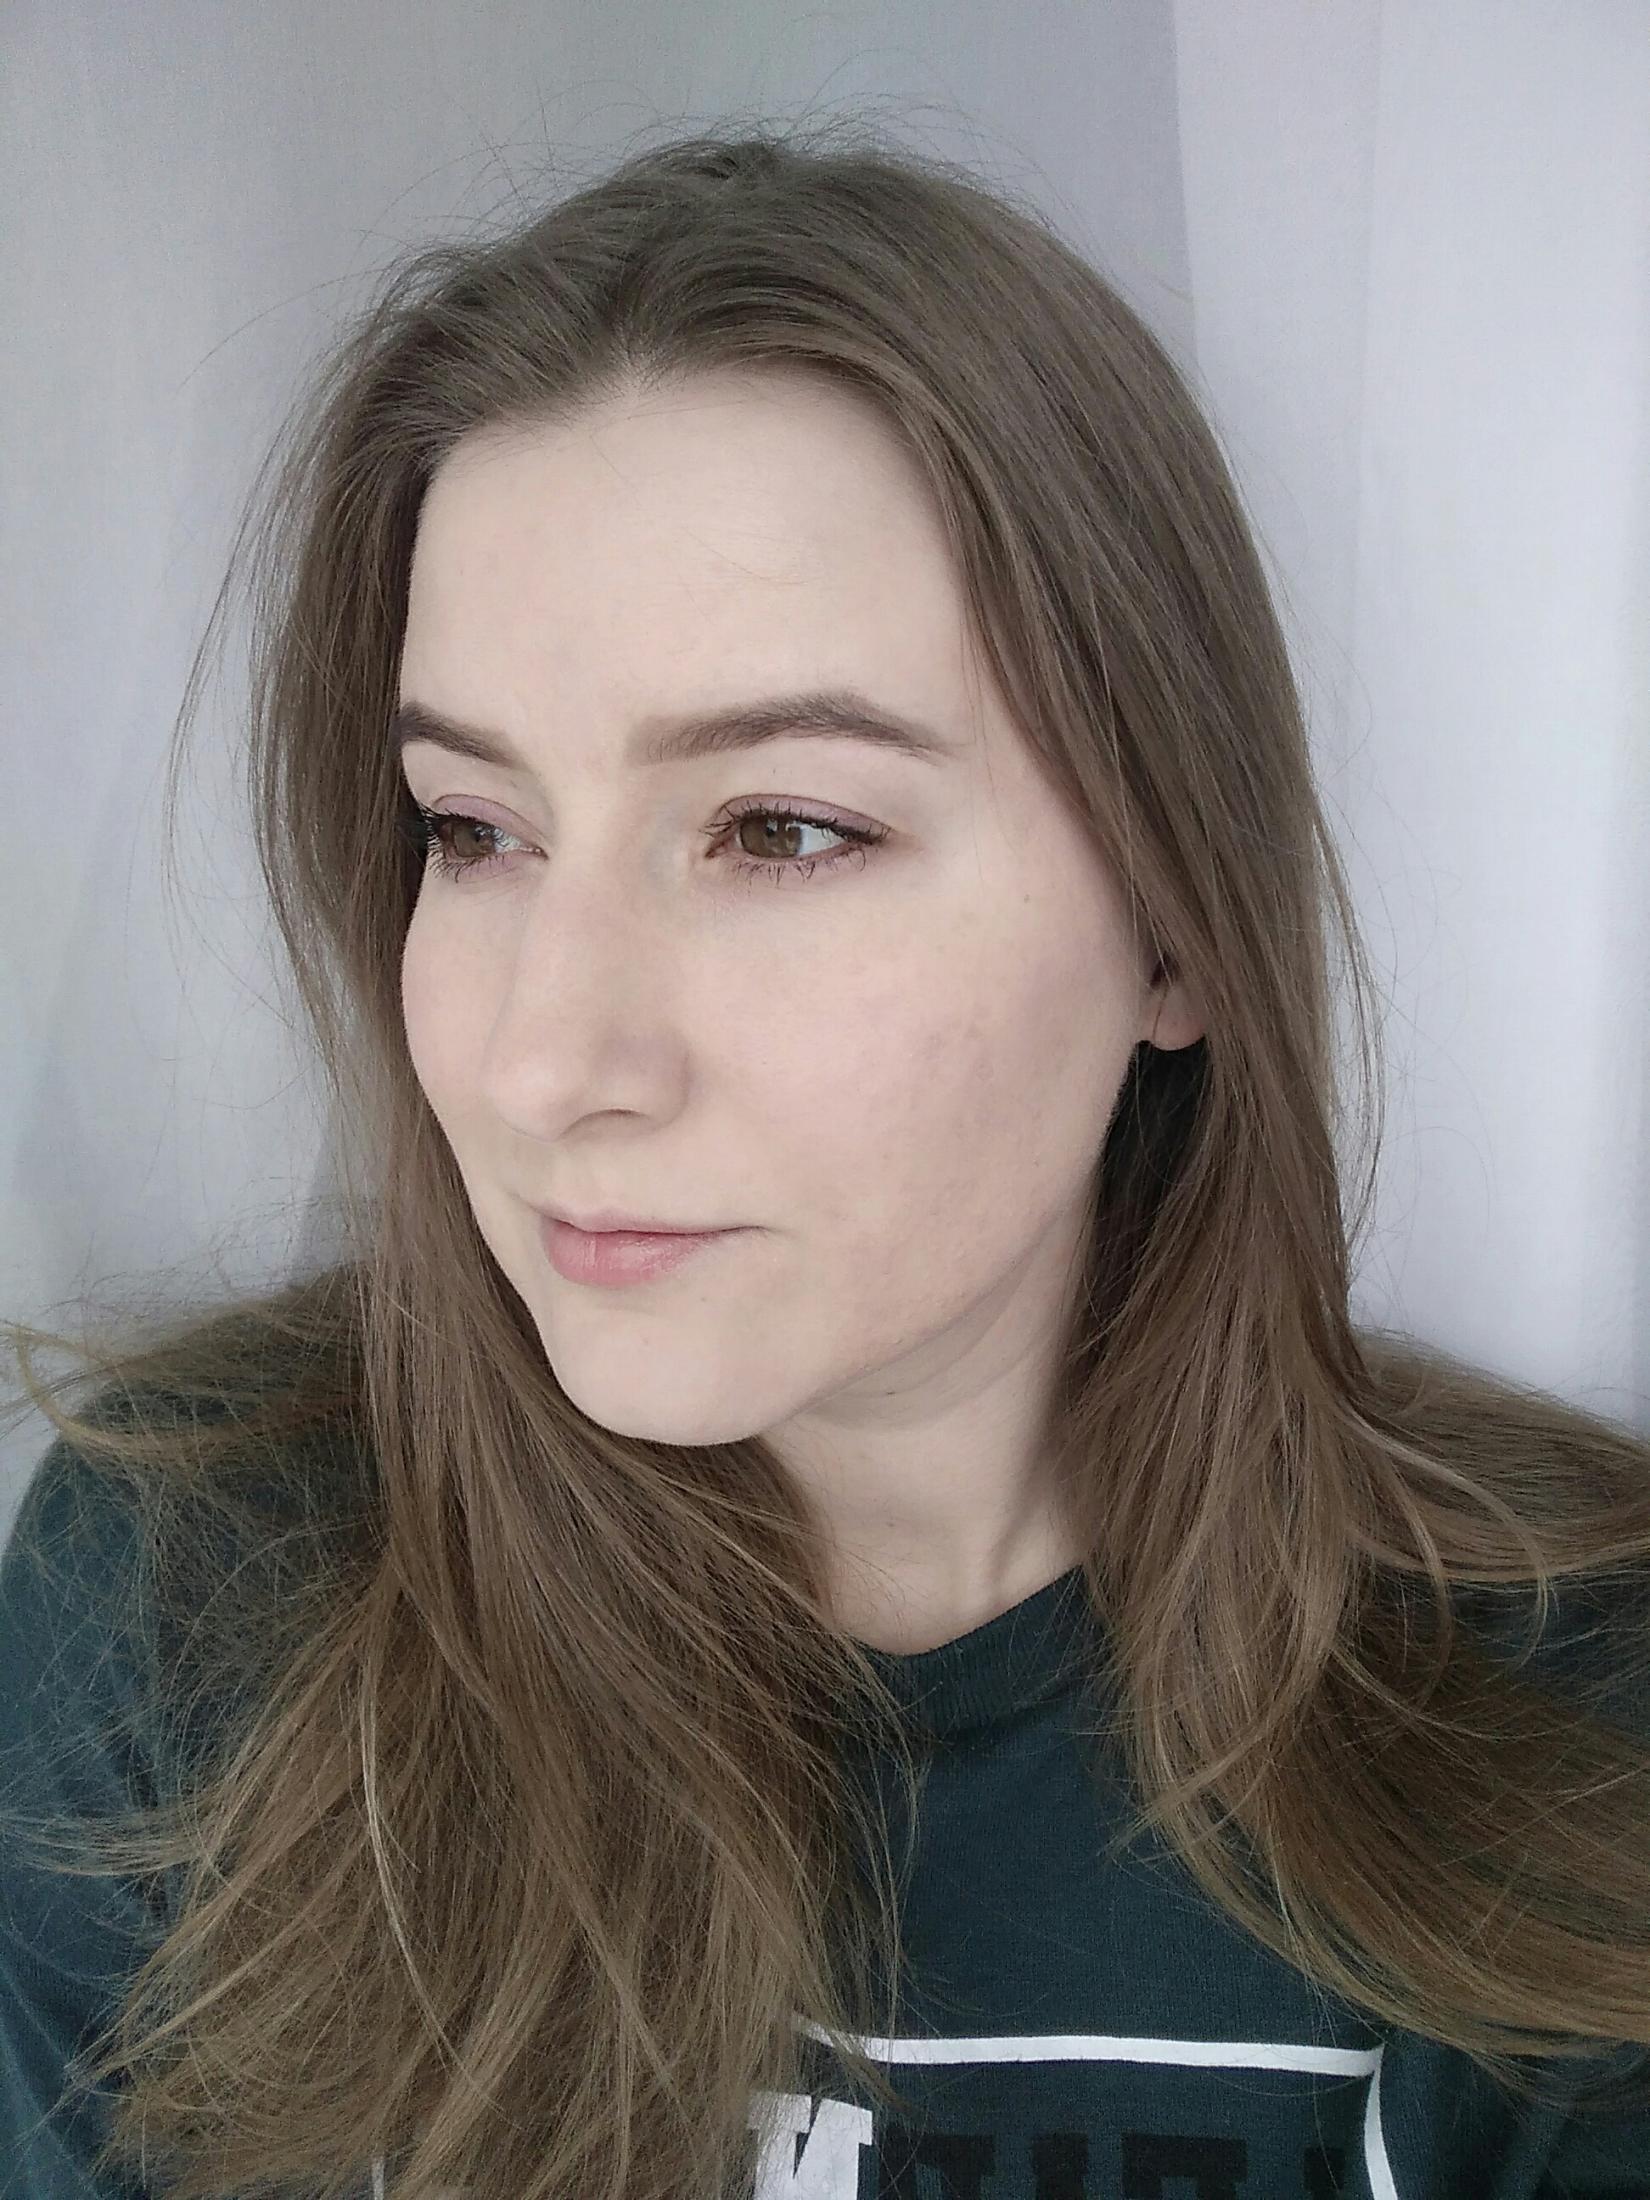 Жидкая тональная основа Eveline Liquid Control HD, 015 Light Vanilla - общий вид в макияже